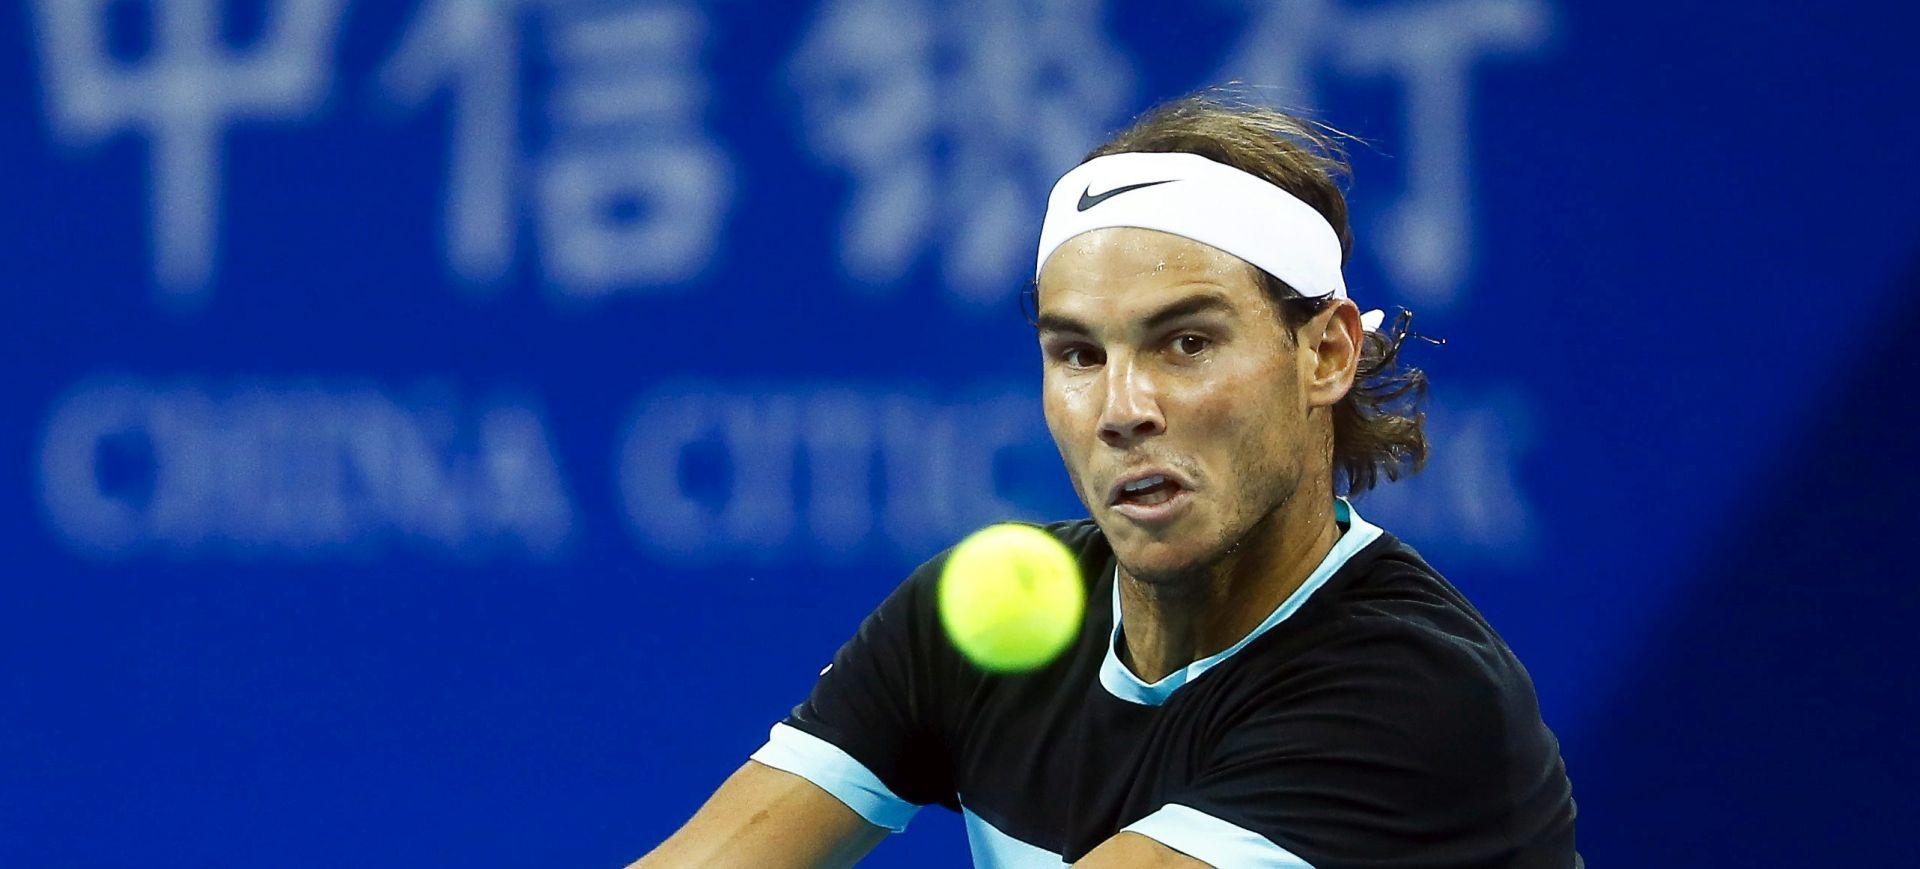 """ATP Šangaj: Nadala muči """"mentalna ozljeda"""""""